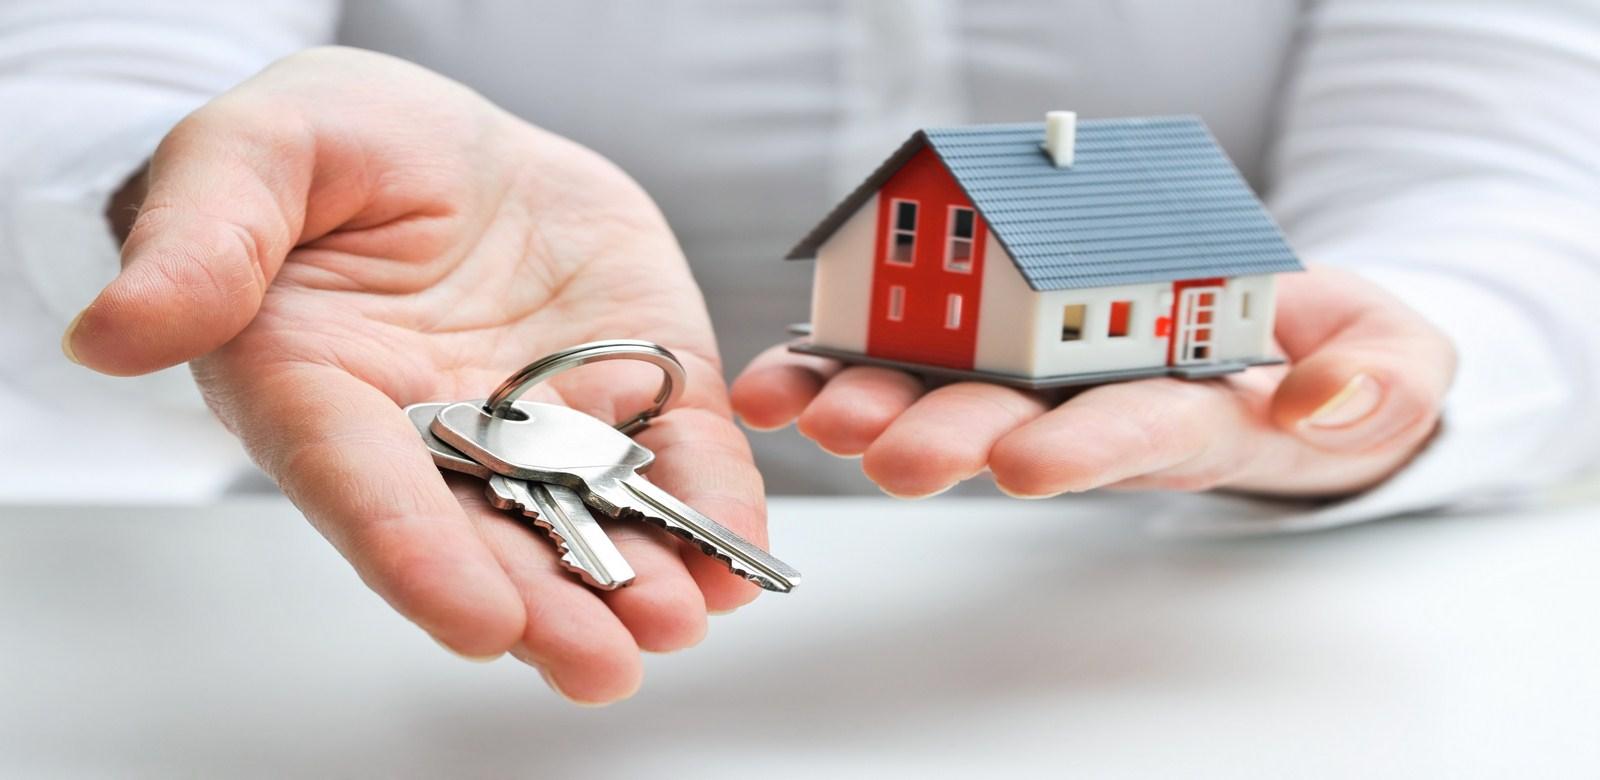 kako kupiti nekretninu korak po korak